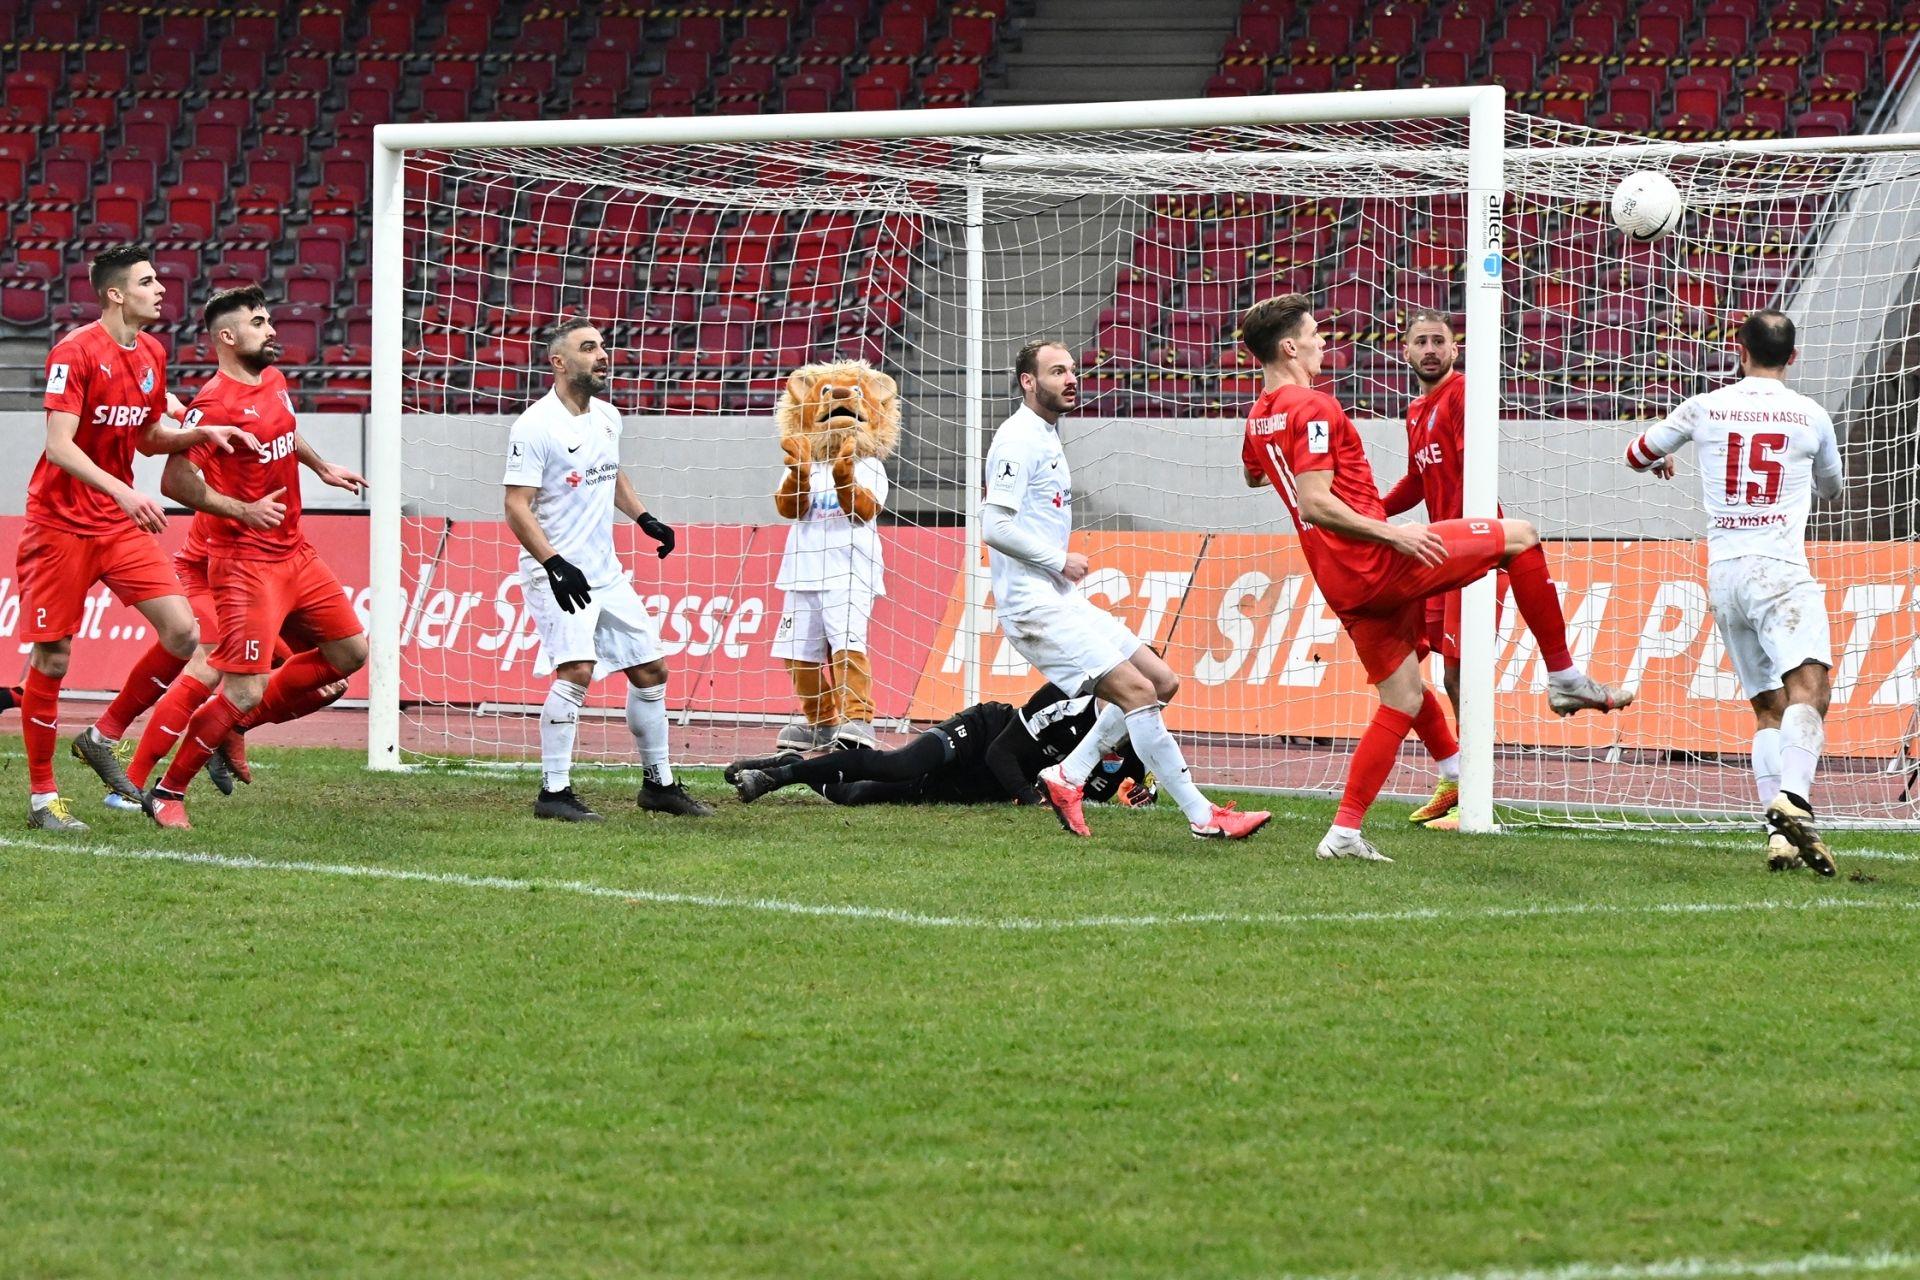 Regionalliga S�dwest 2020/21, KSVHessen Kassel, TSV Steinbach Haiger, Endstand 2:1, Tor zum 2:1